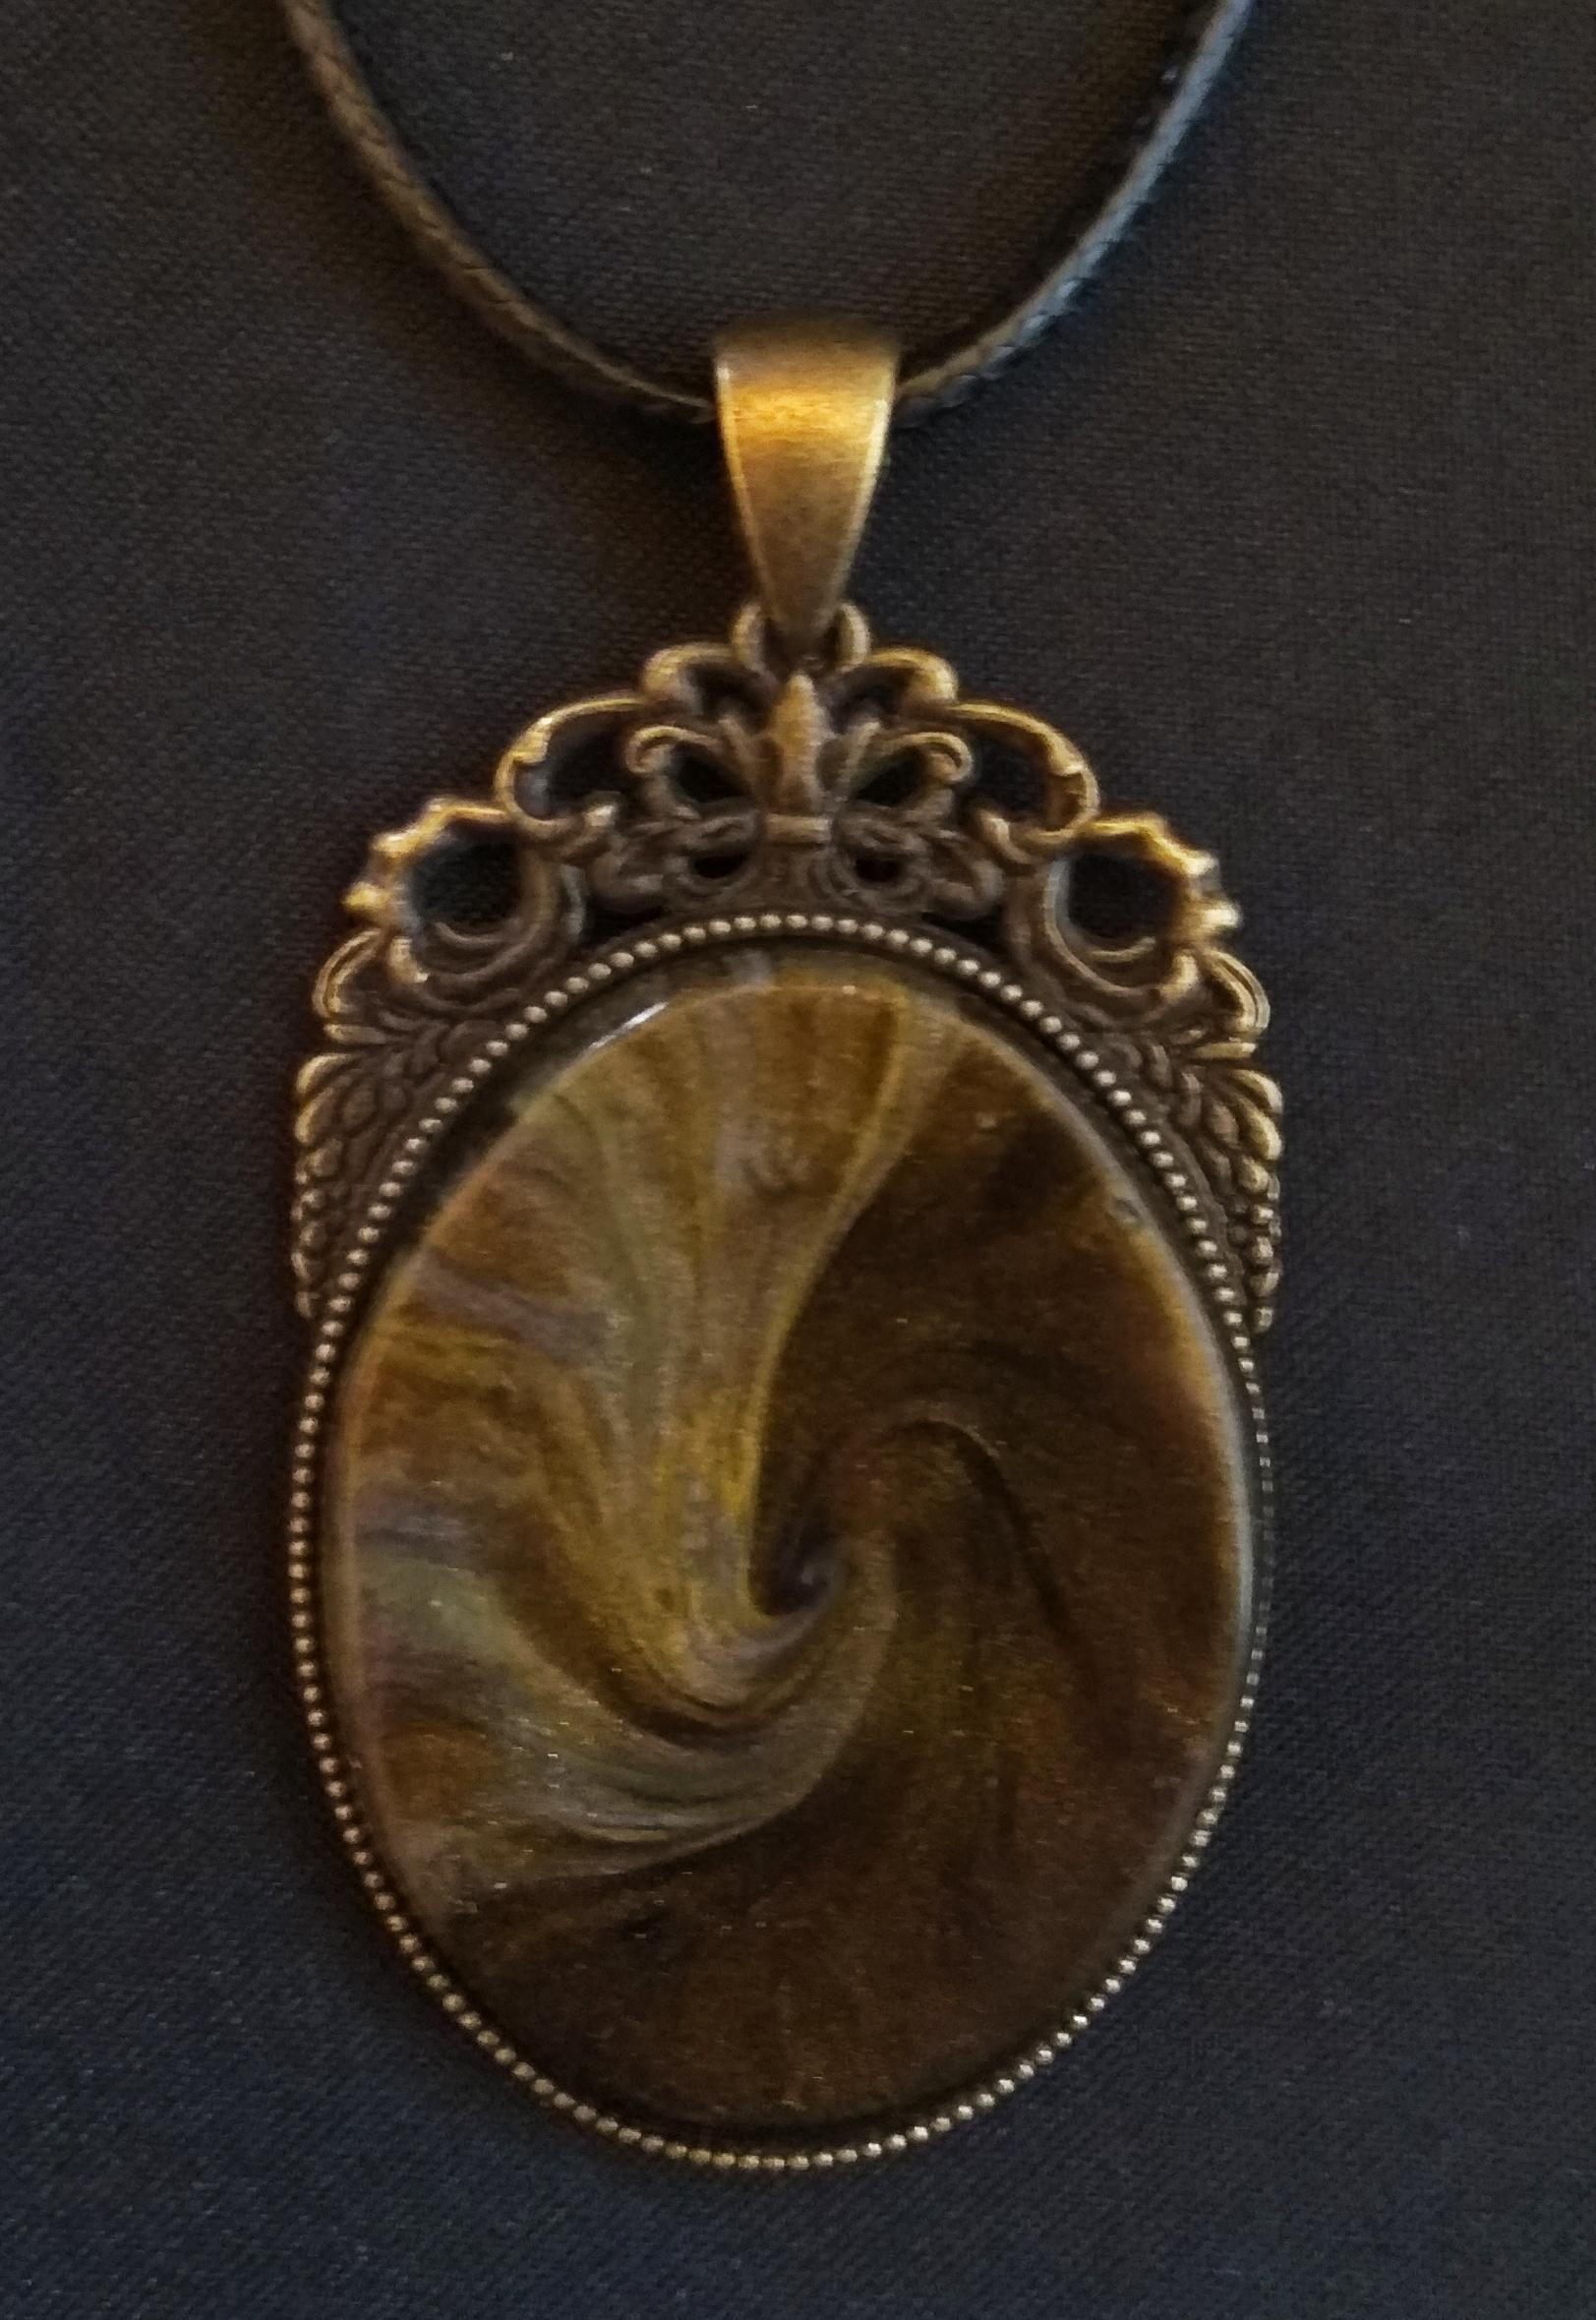 collar vintage y arcilla polimérica - collier vintage et résine polimère